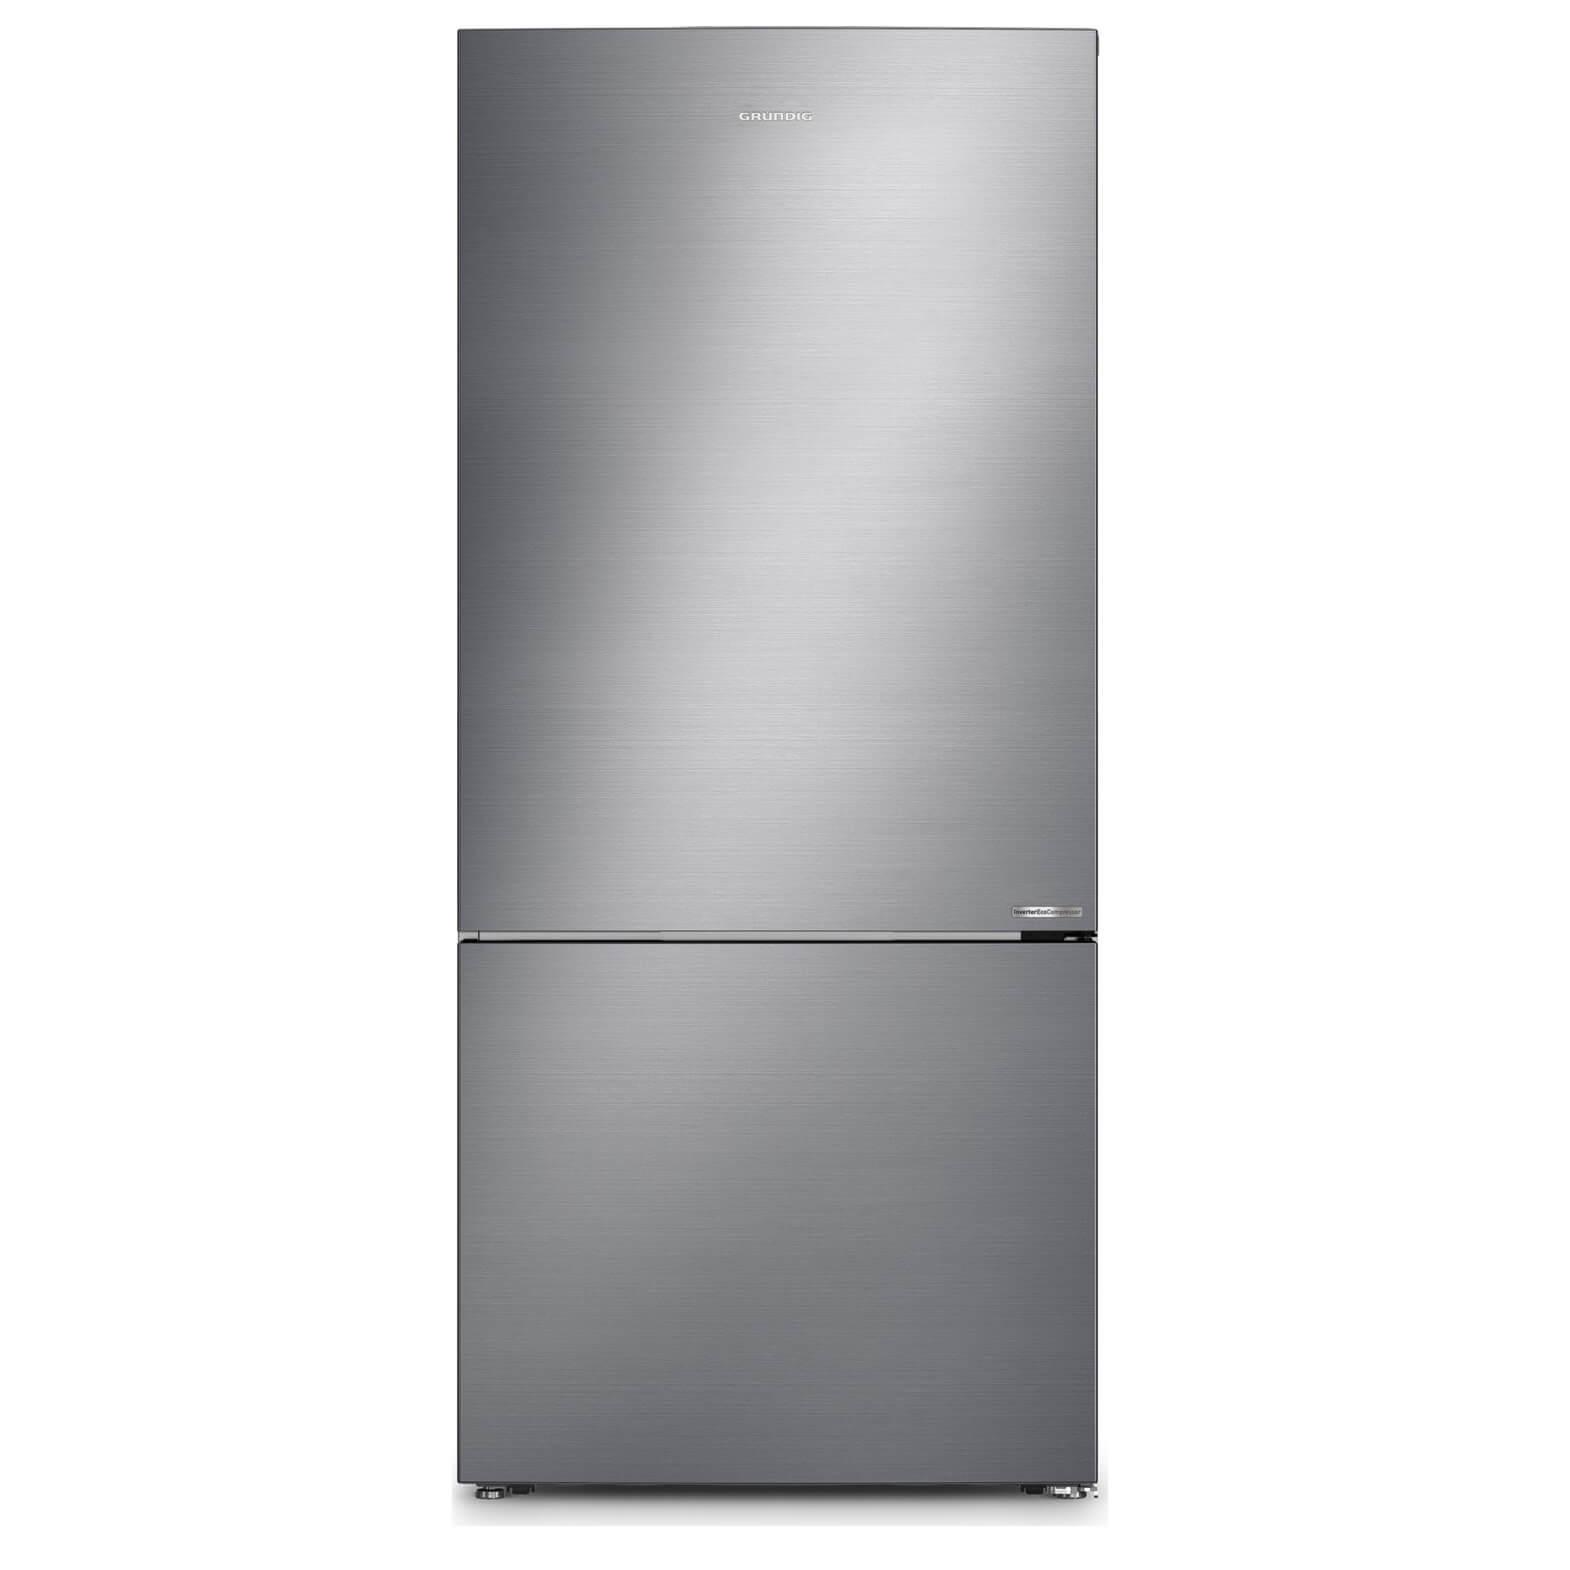 Grundig GKNE 7200 I buzdolabi